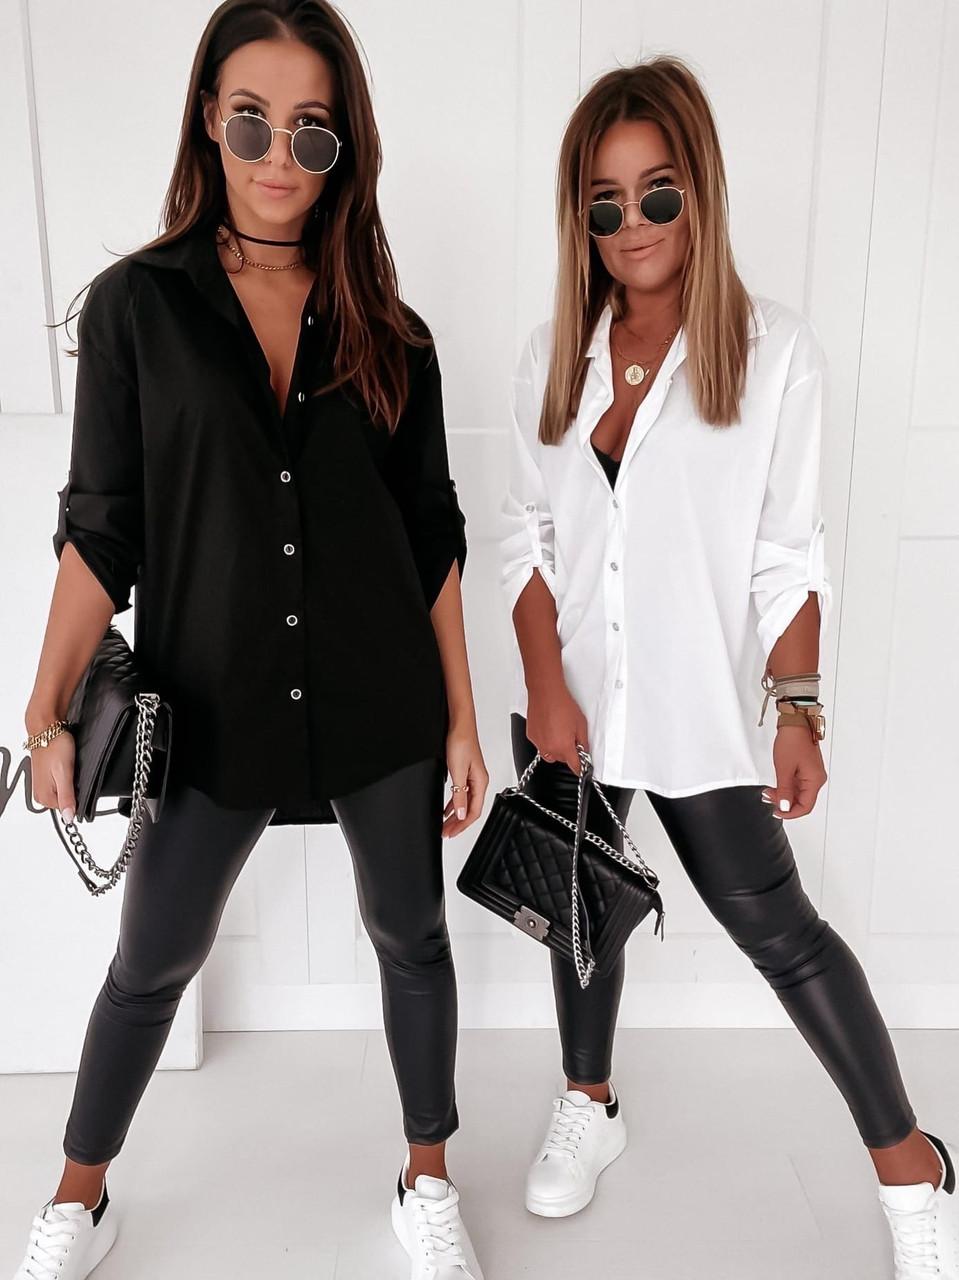 Рубашка женская белая, чёрная,  42-44, 46-48, 50-52, 54-56